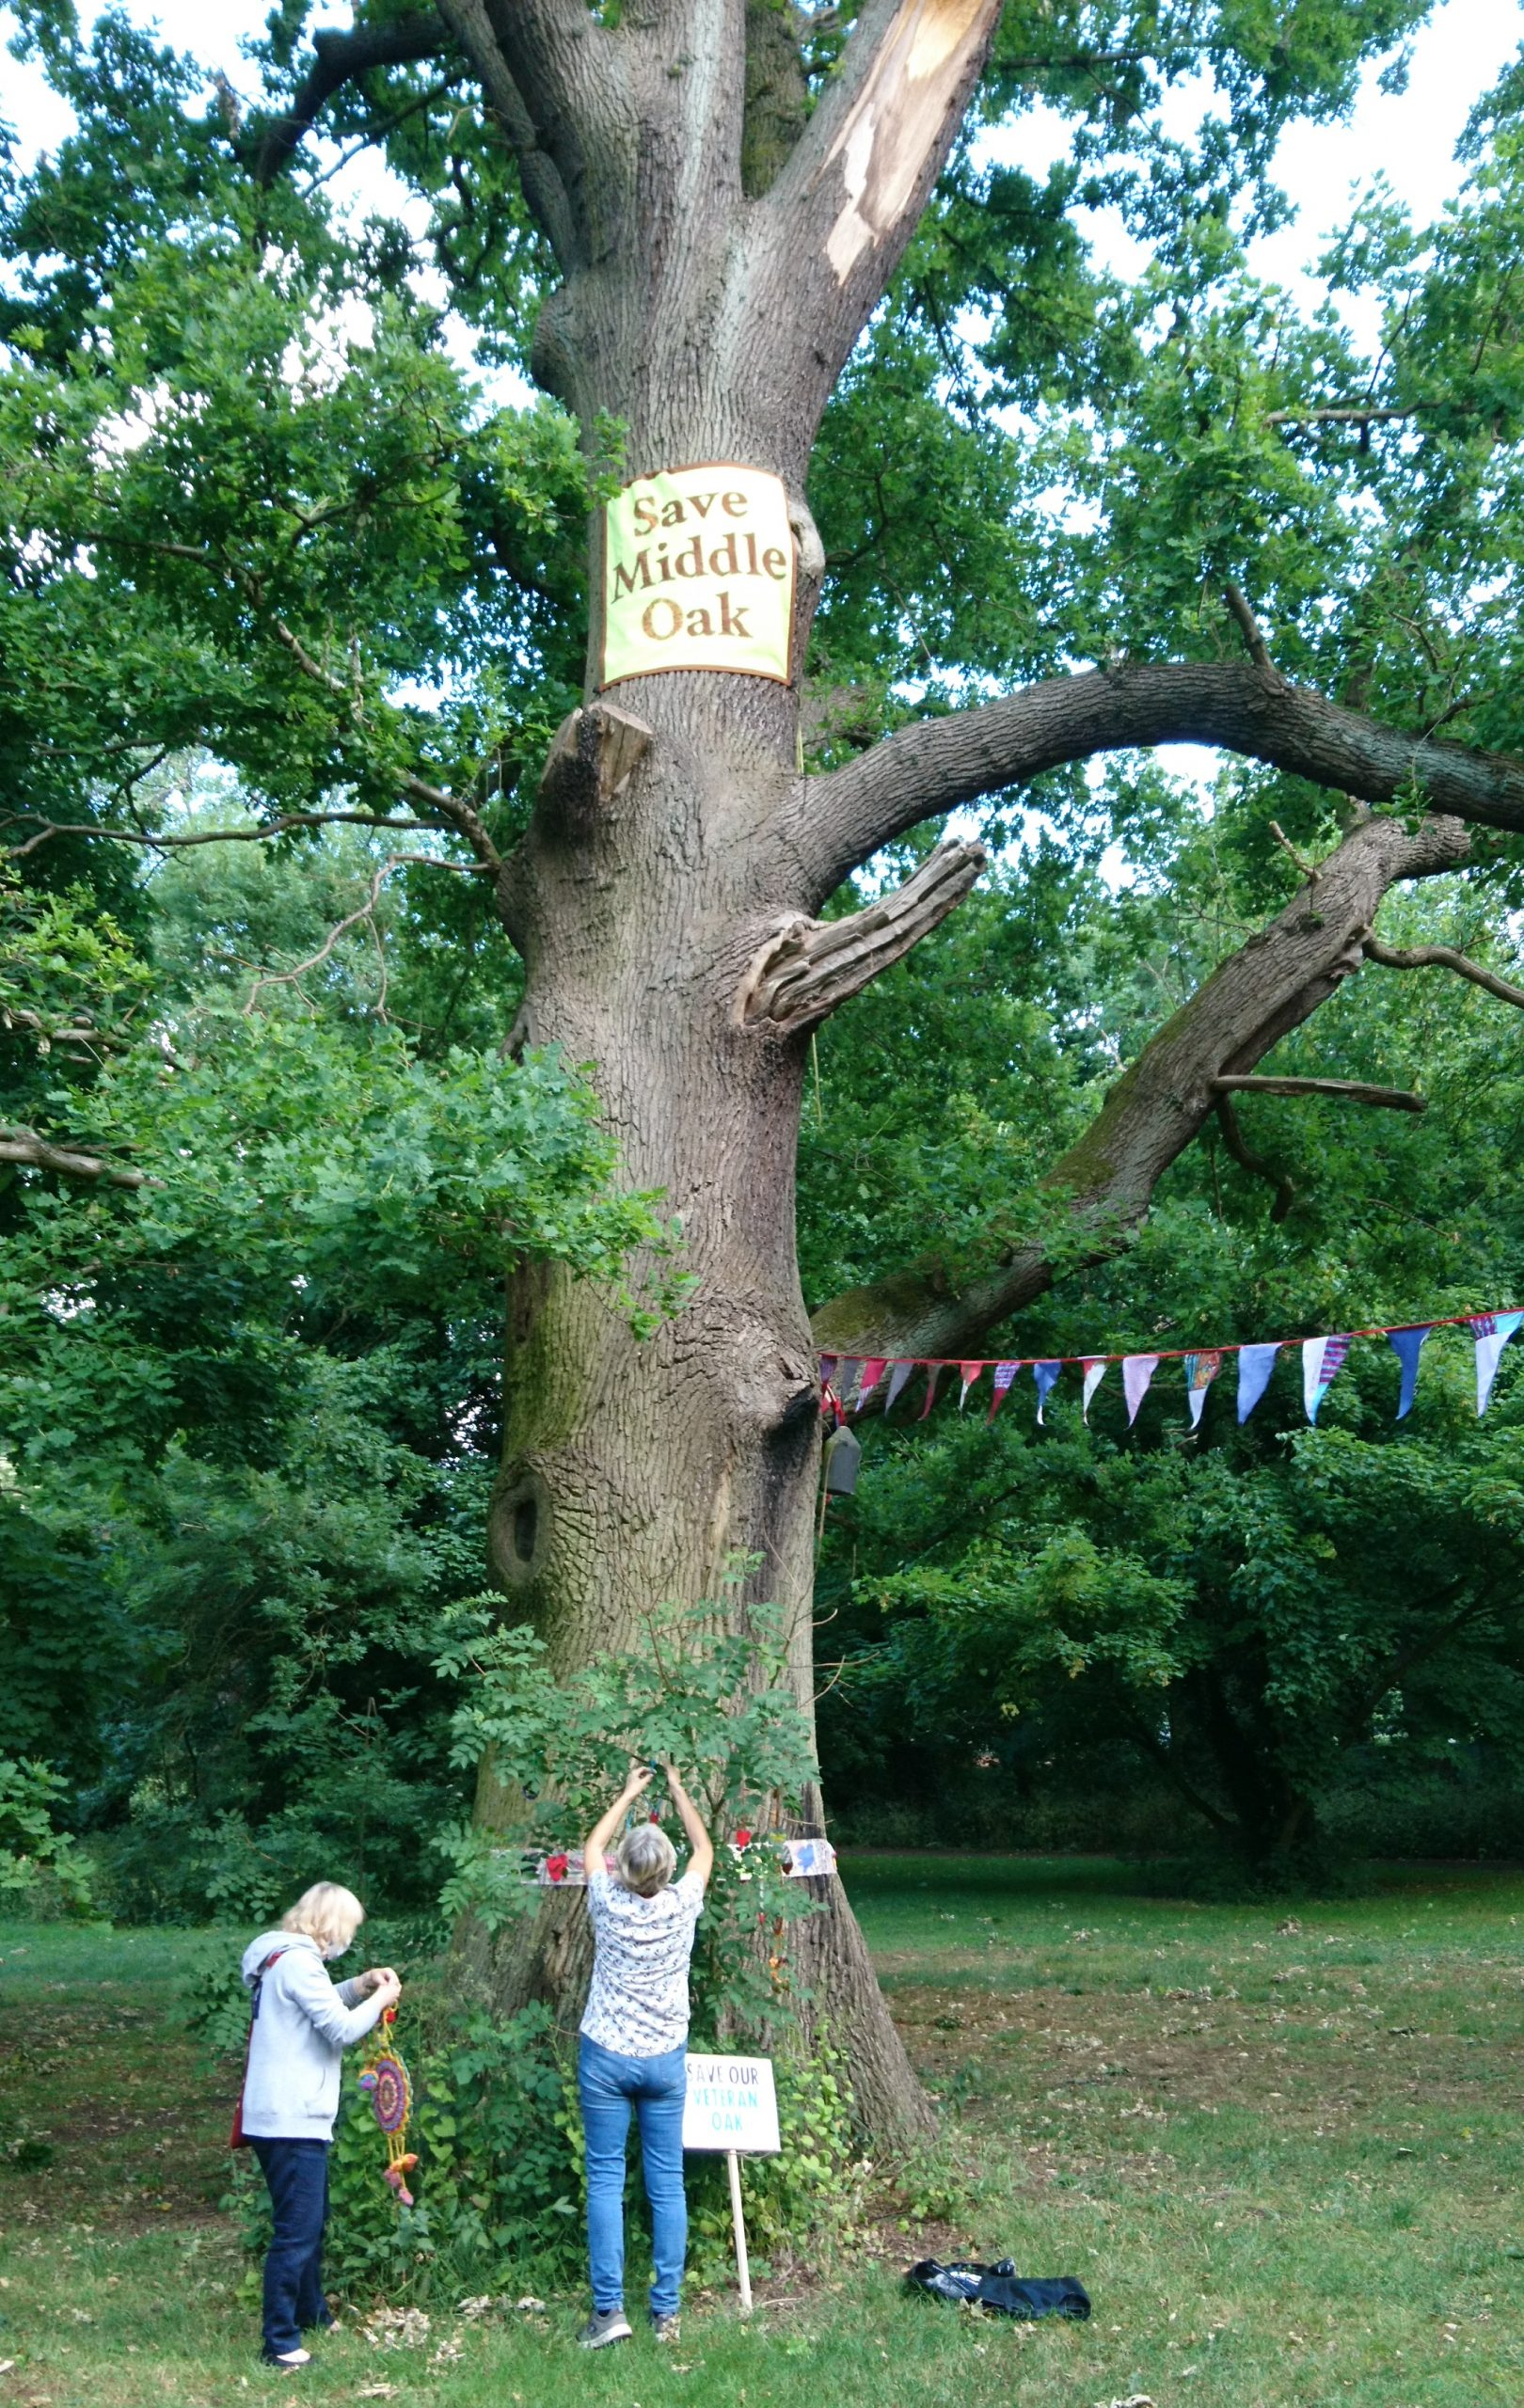 Decorating the veteran oak tree